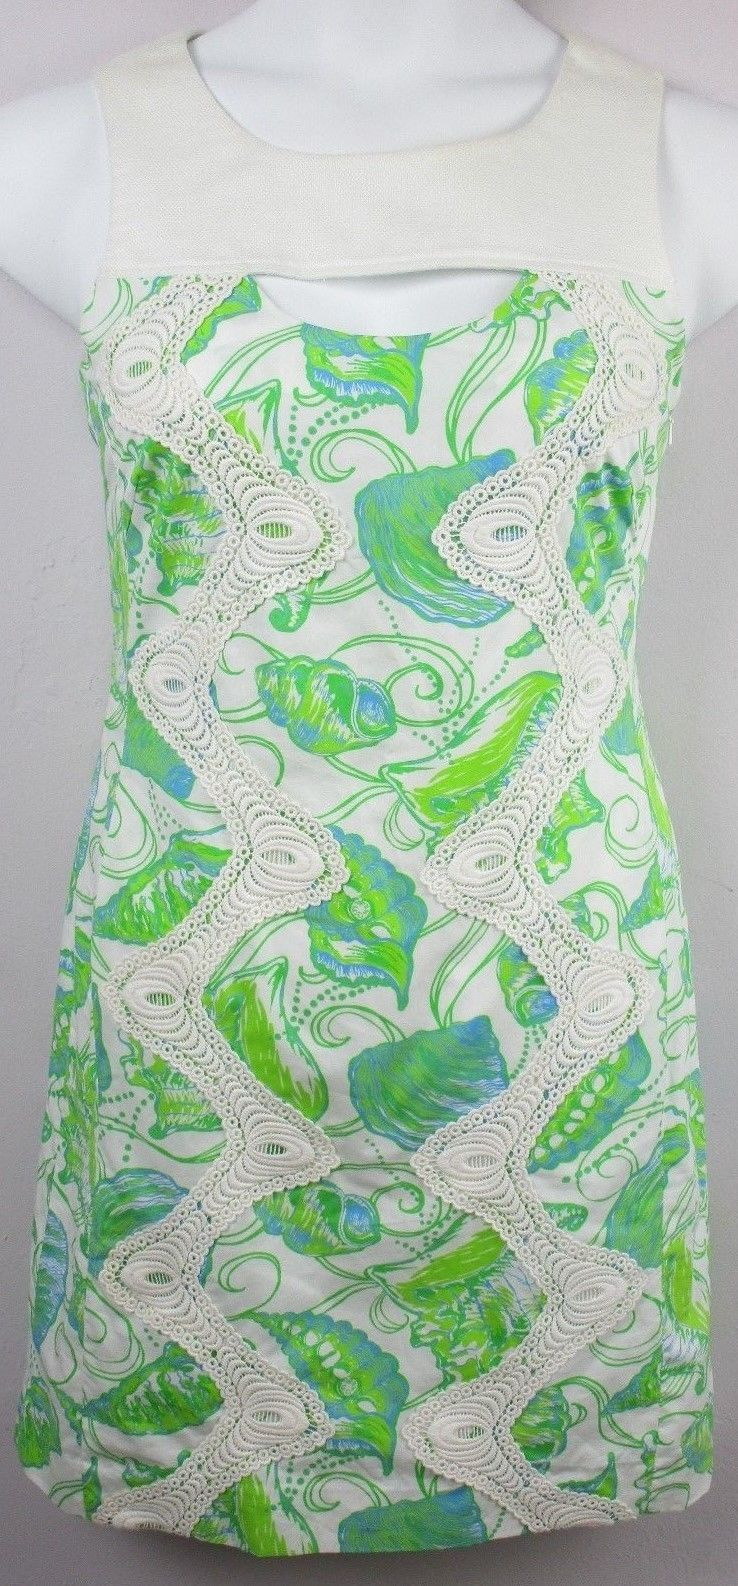 Bazar Christian Lacroix Women's Crotchet Dress Size L Multicolor Sleeveless